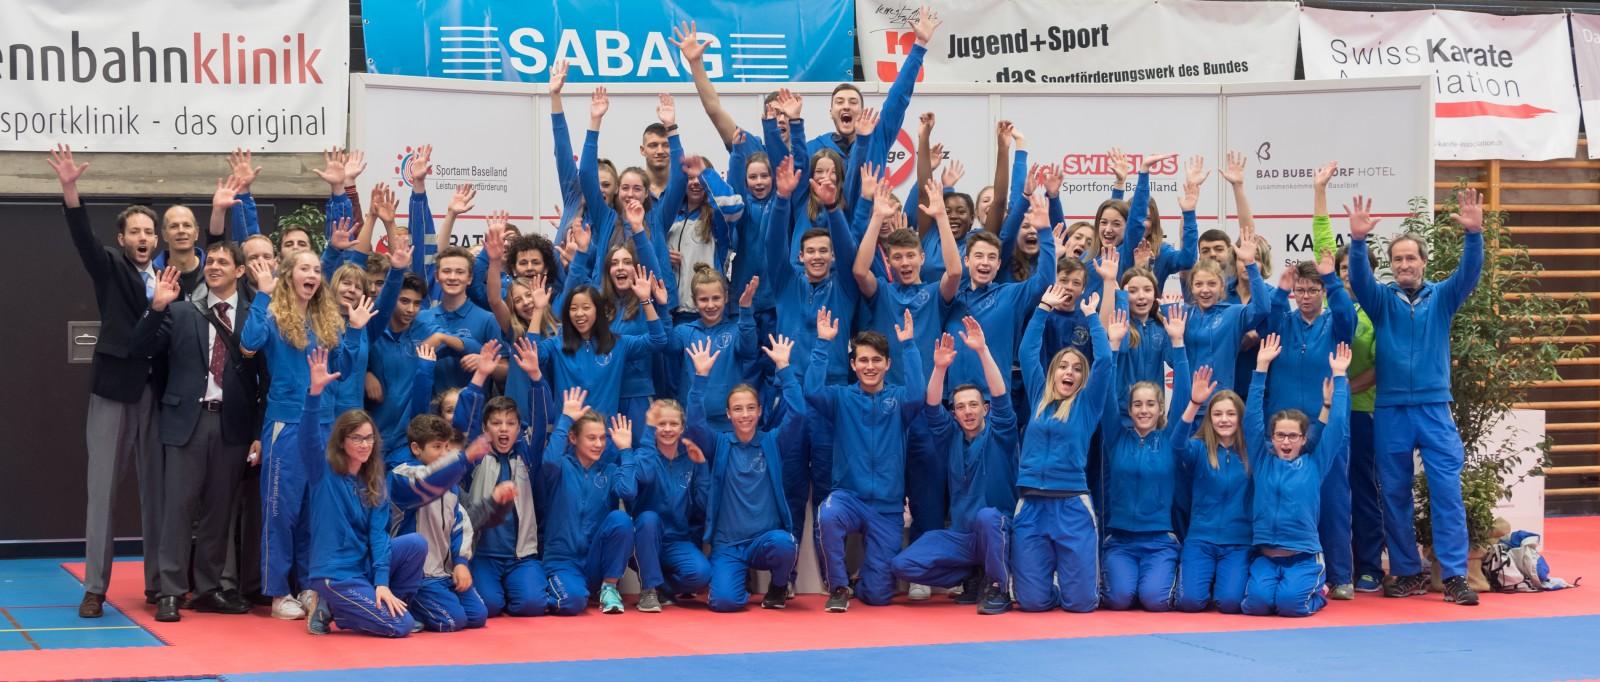 Wettkampfteam Lyss/Aarberg 2017